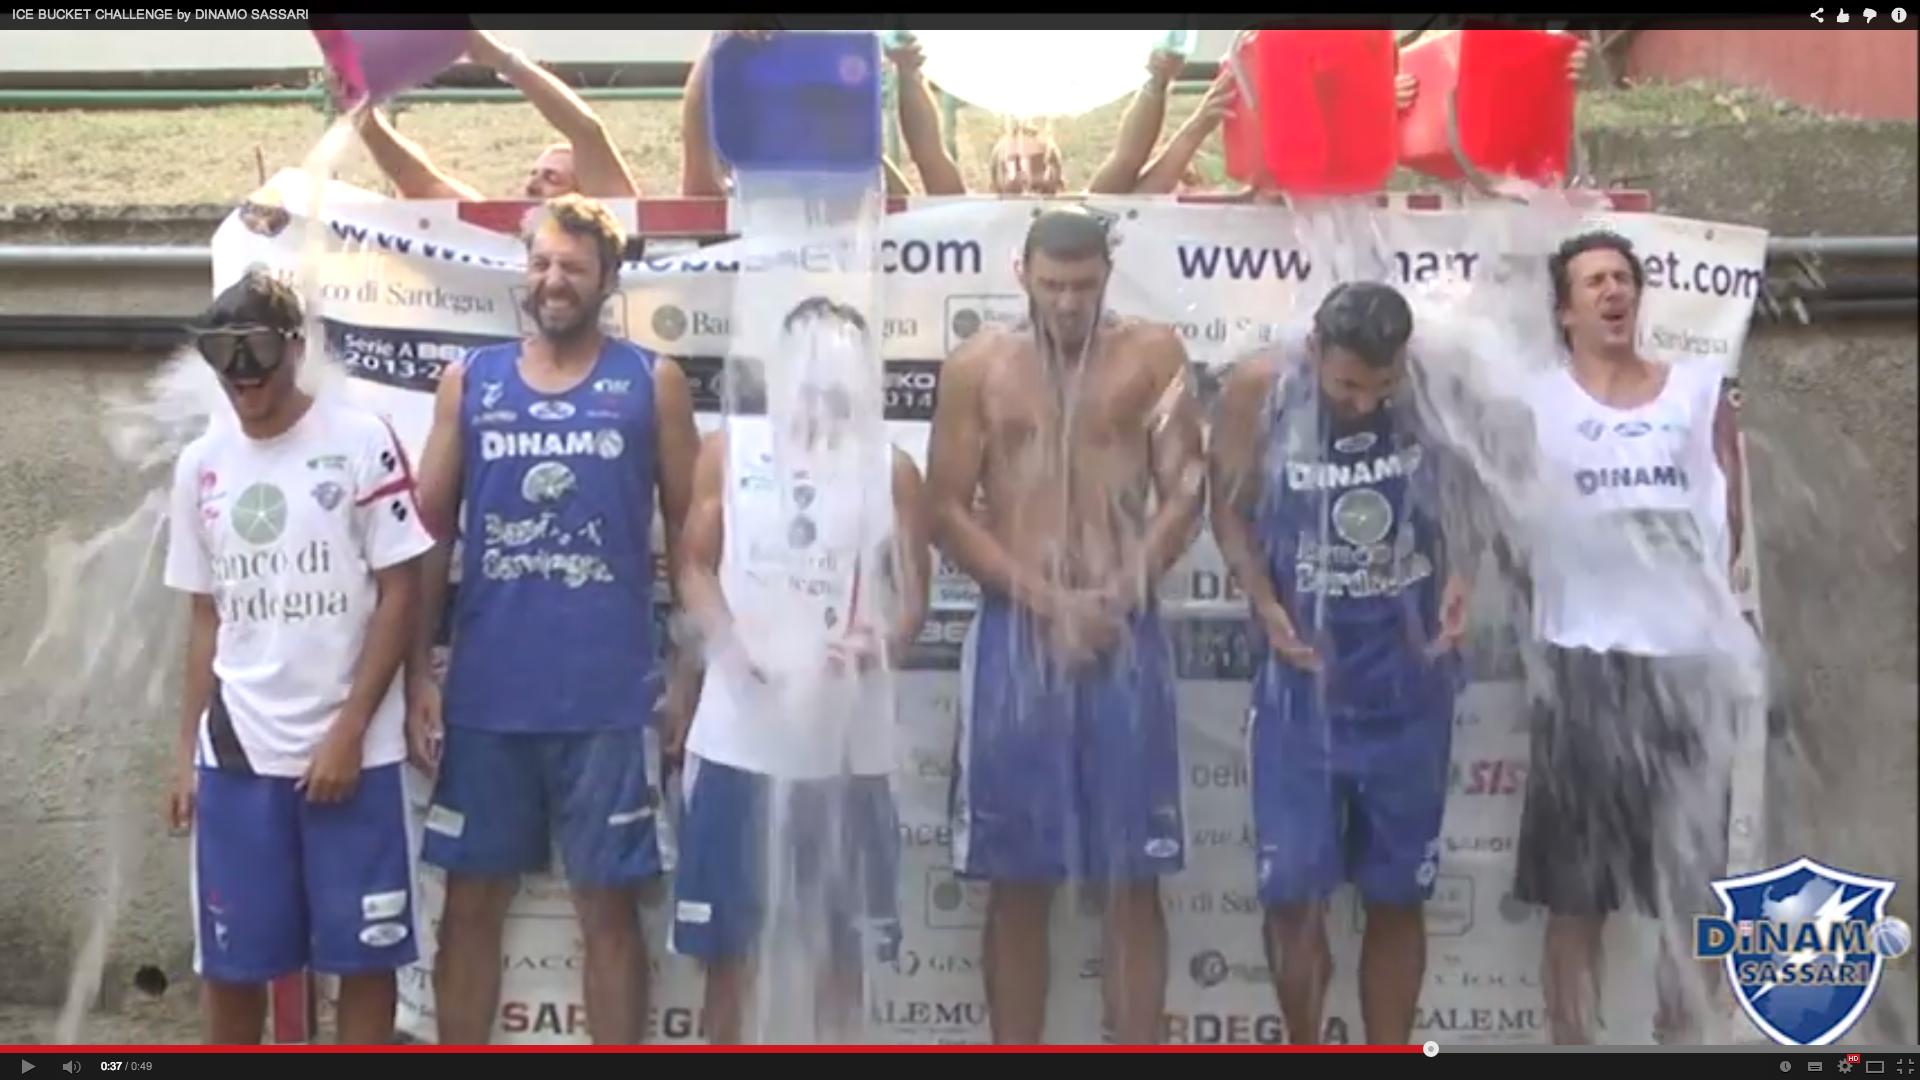 [Video] Dinamo Sassari ecco l'ICE BUCKET CHALLENGE